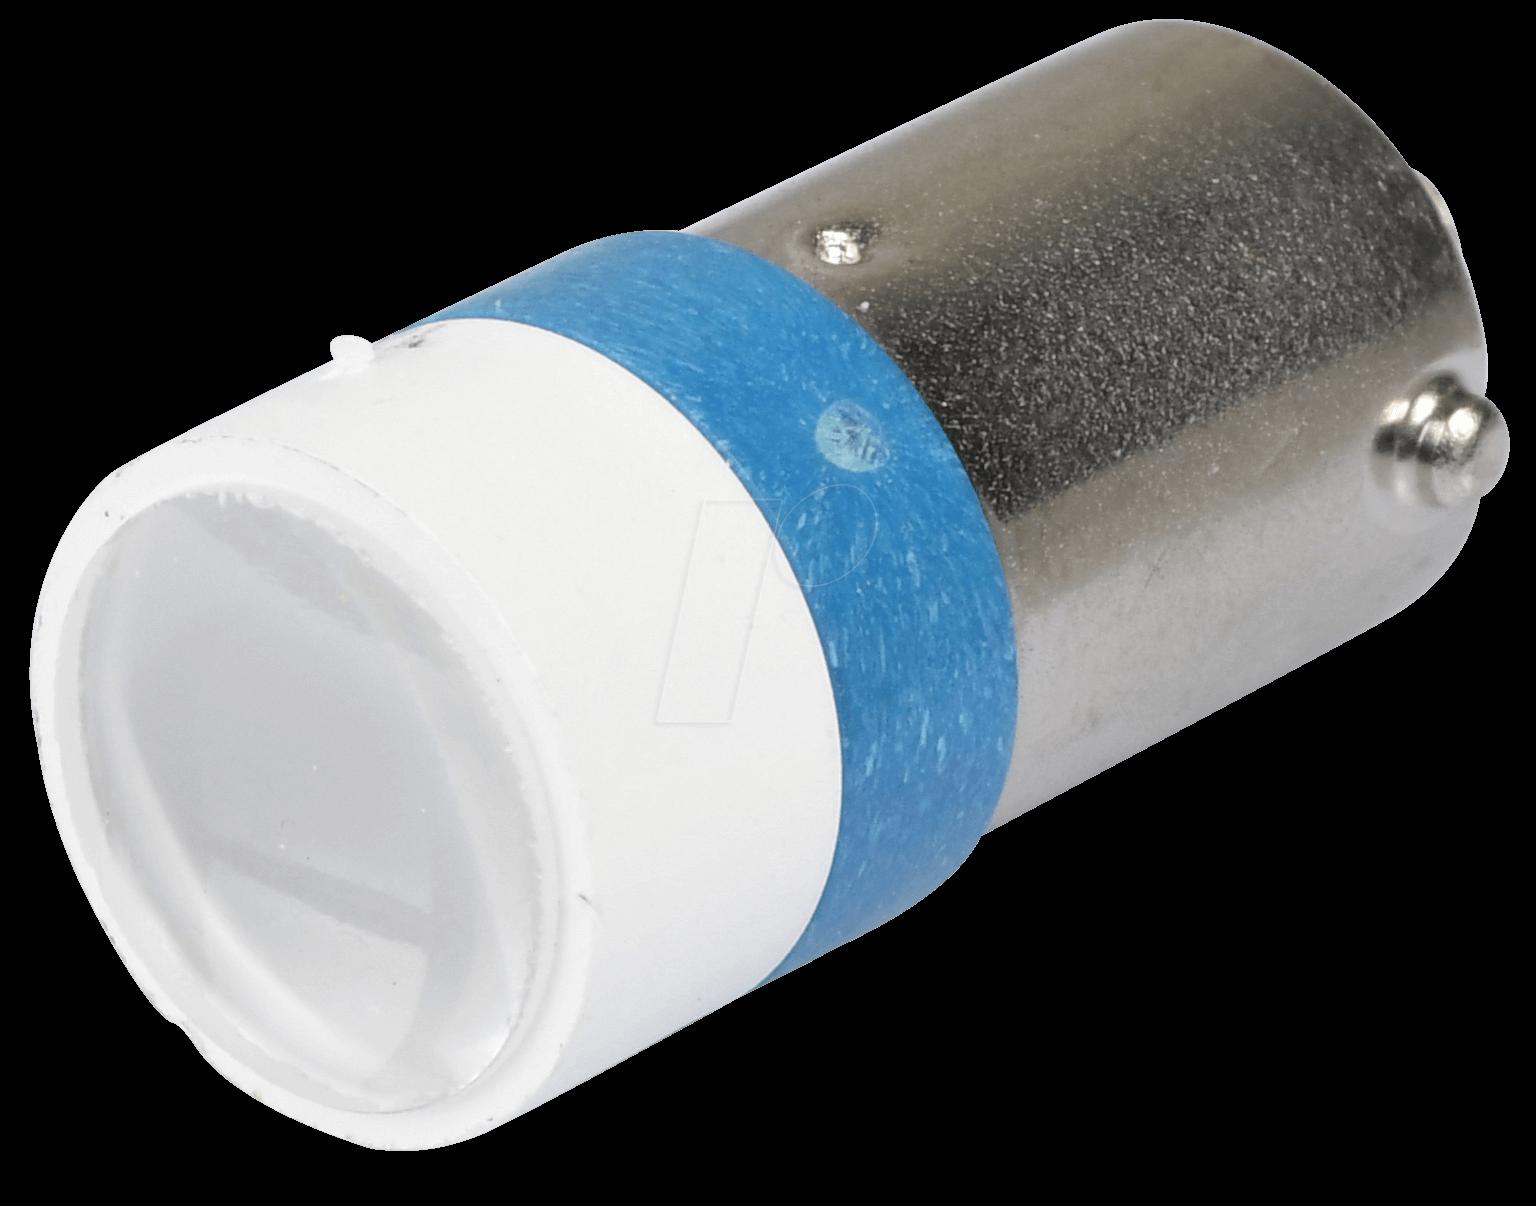 MELB 2242 - LED-Spot-Light, BA9s, blau, 12 V, 6...